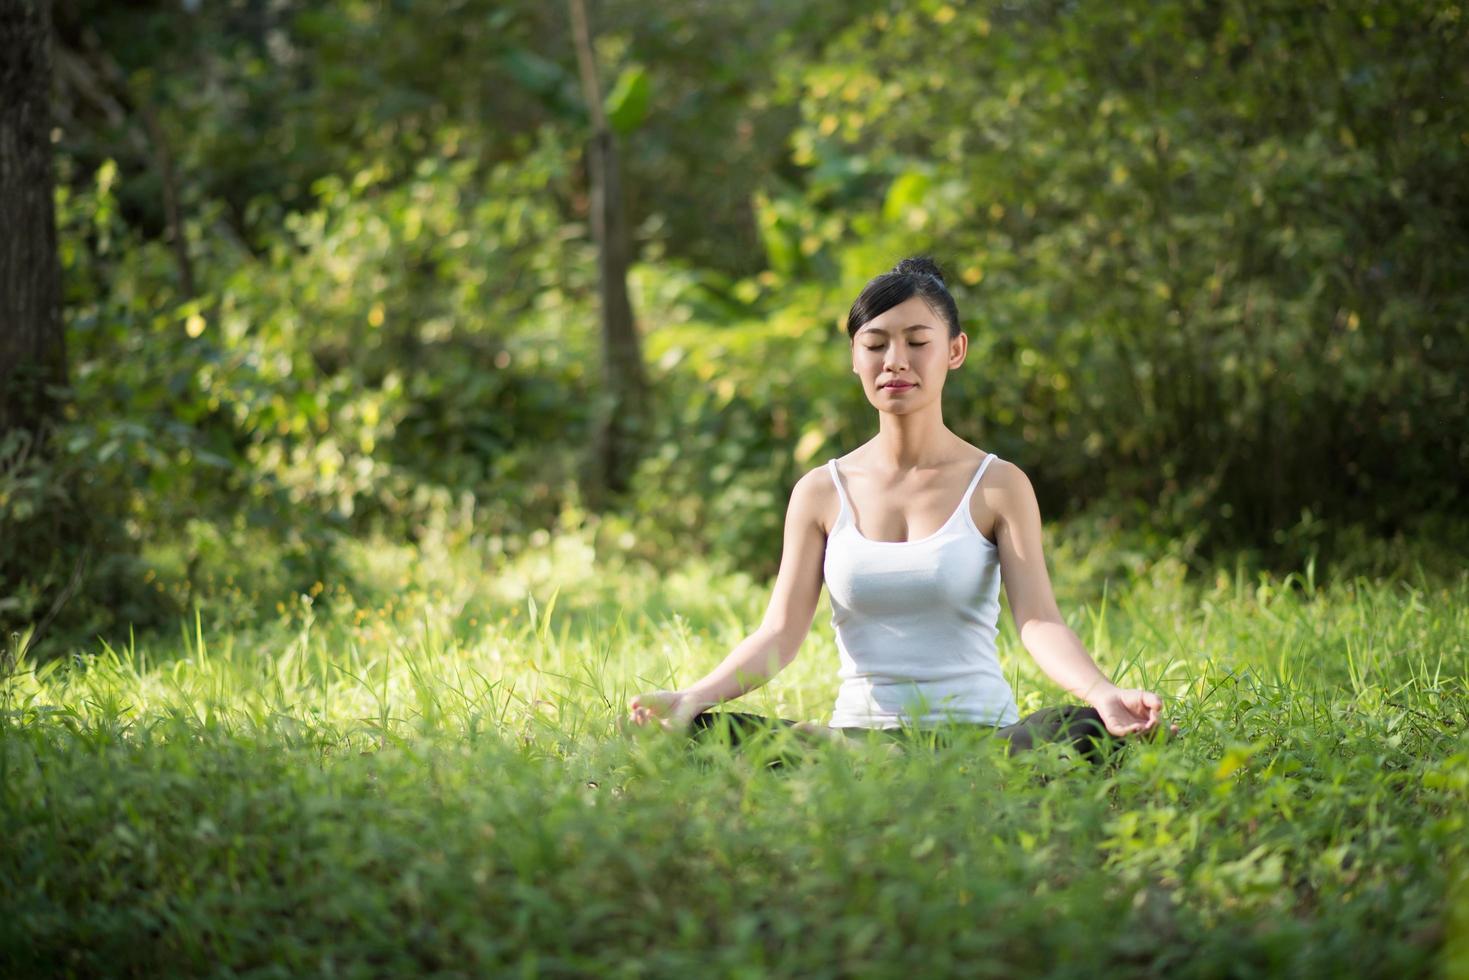 donna in posa yoga all'aperto nella natura foto